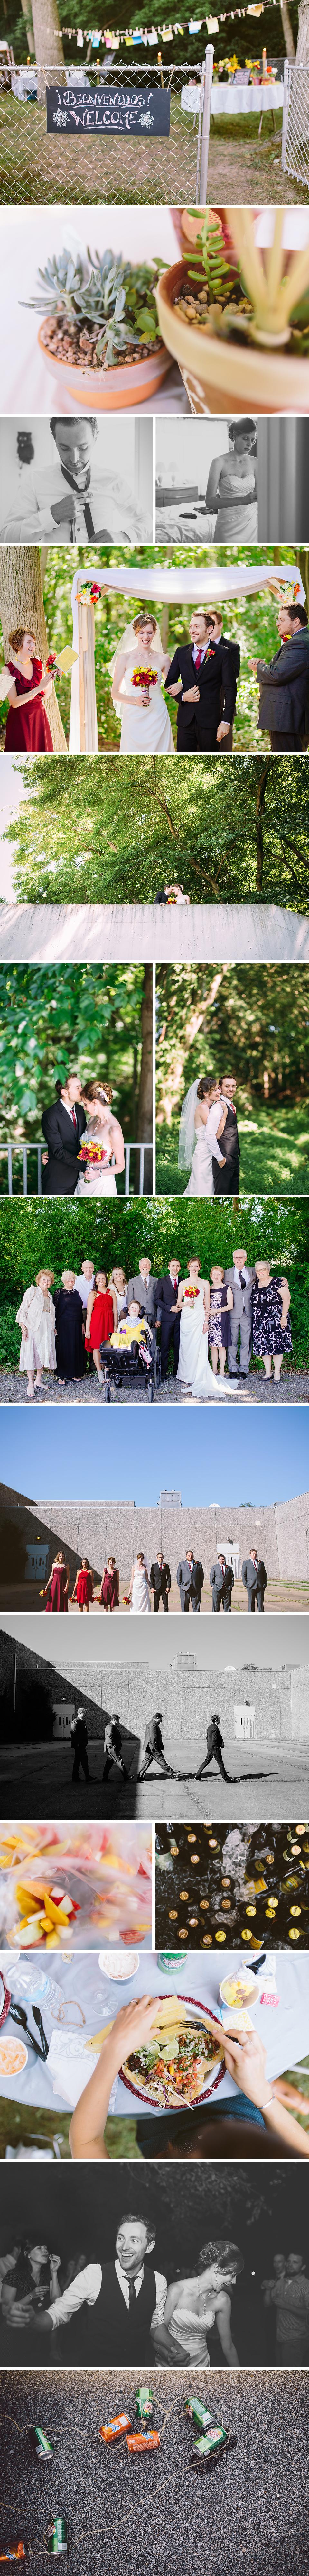 Heft Wedding Preview